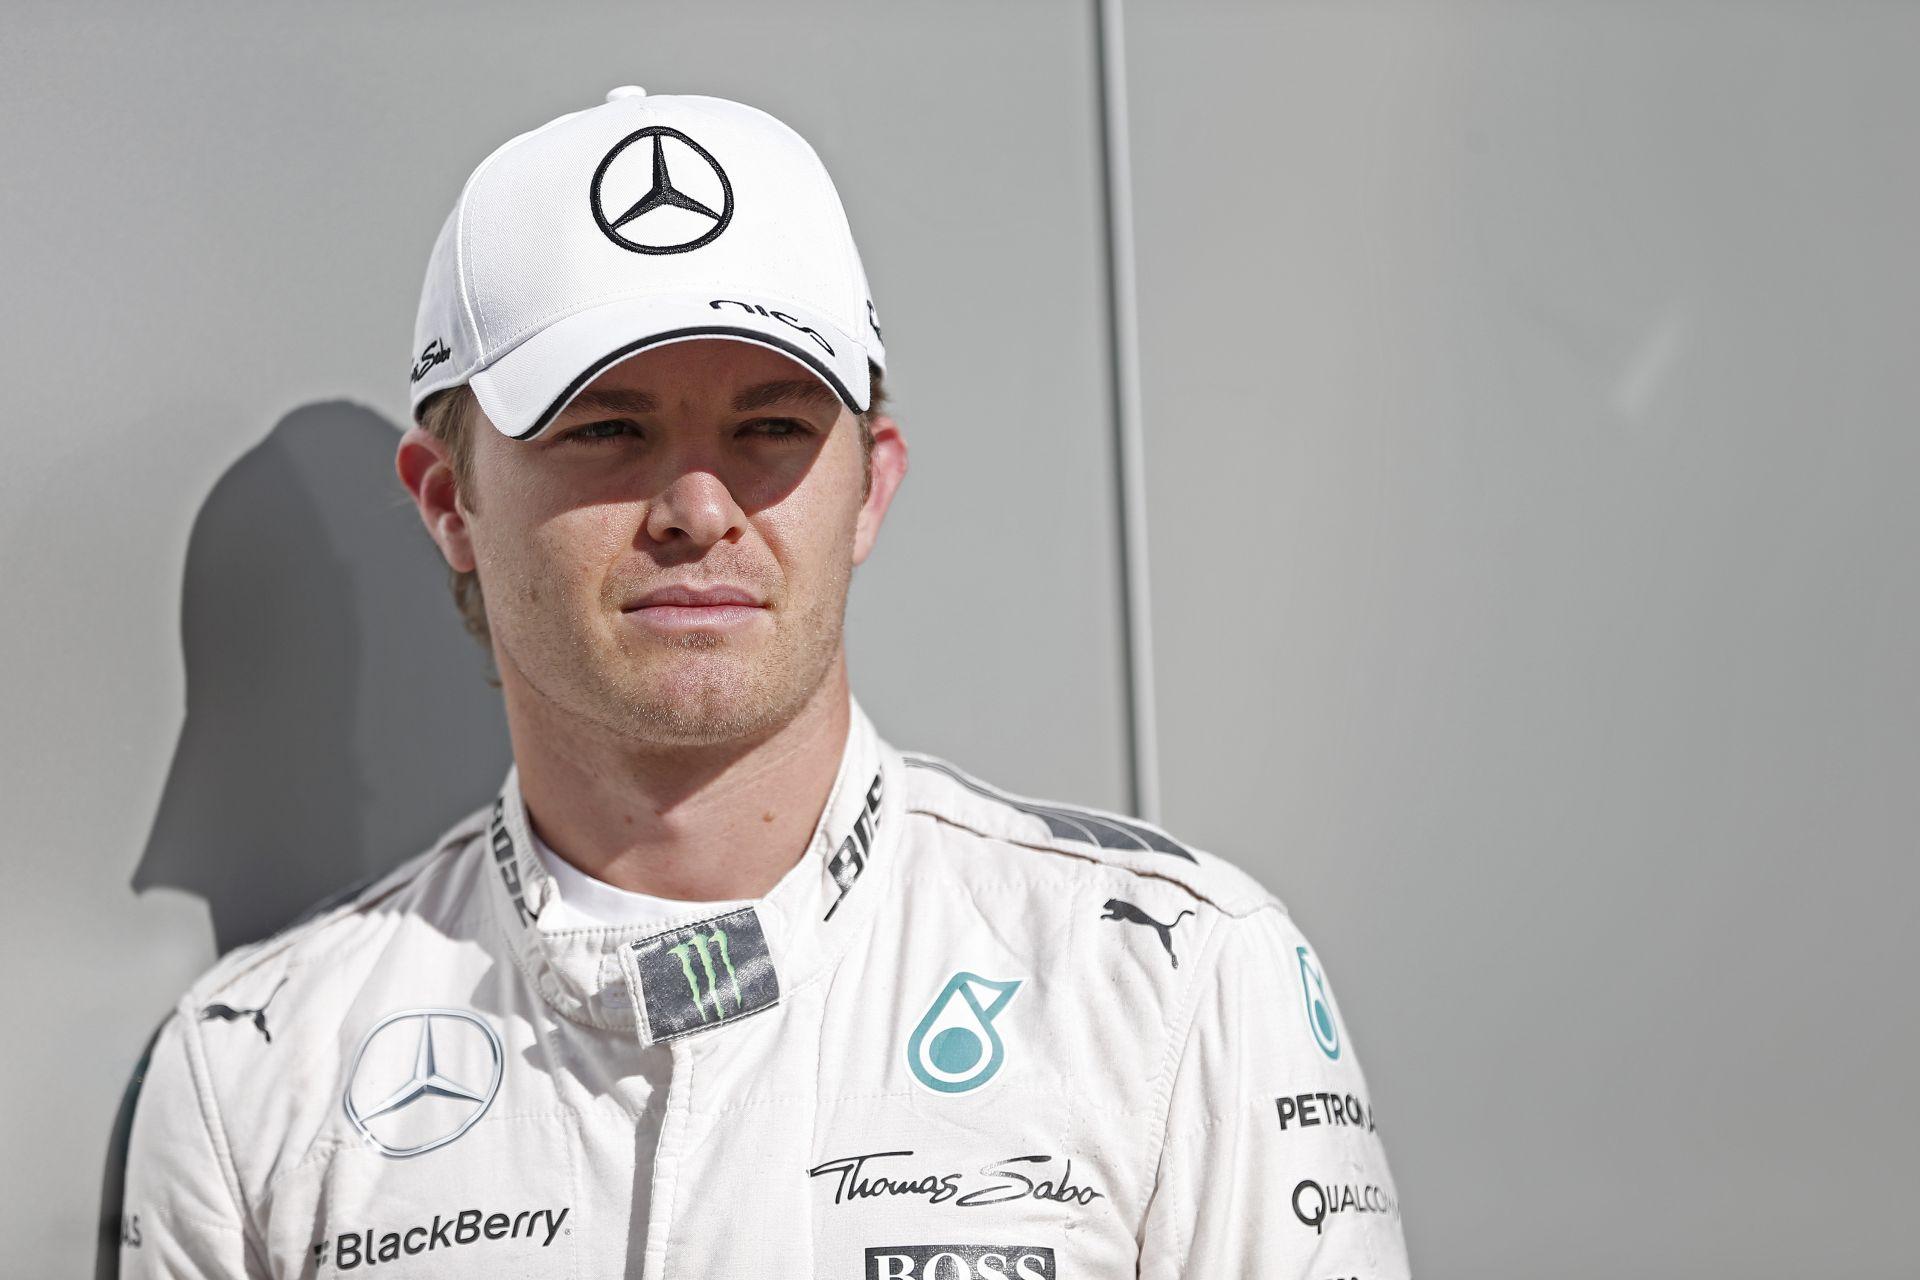 Mi lesz veled így Rosberg? Ő sem tudja, majd meglátjuk, hogyan tovább